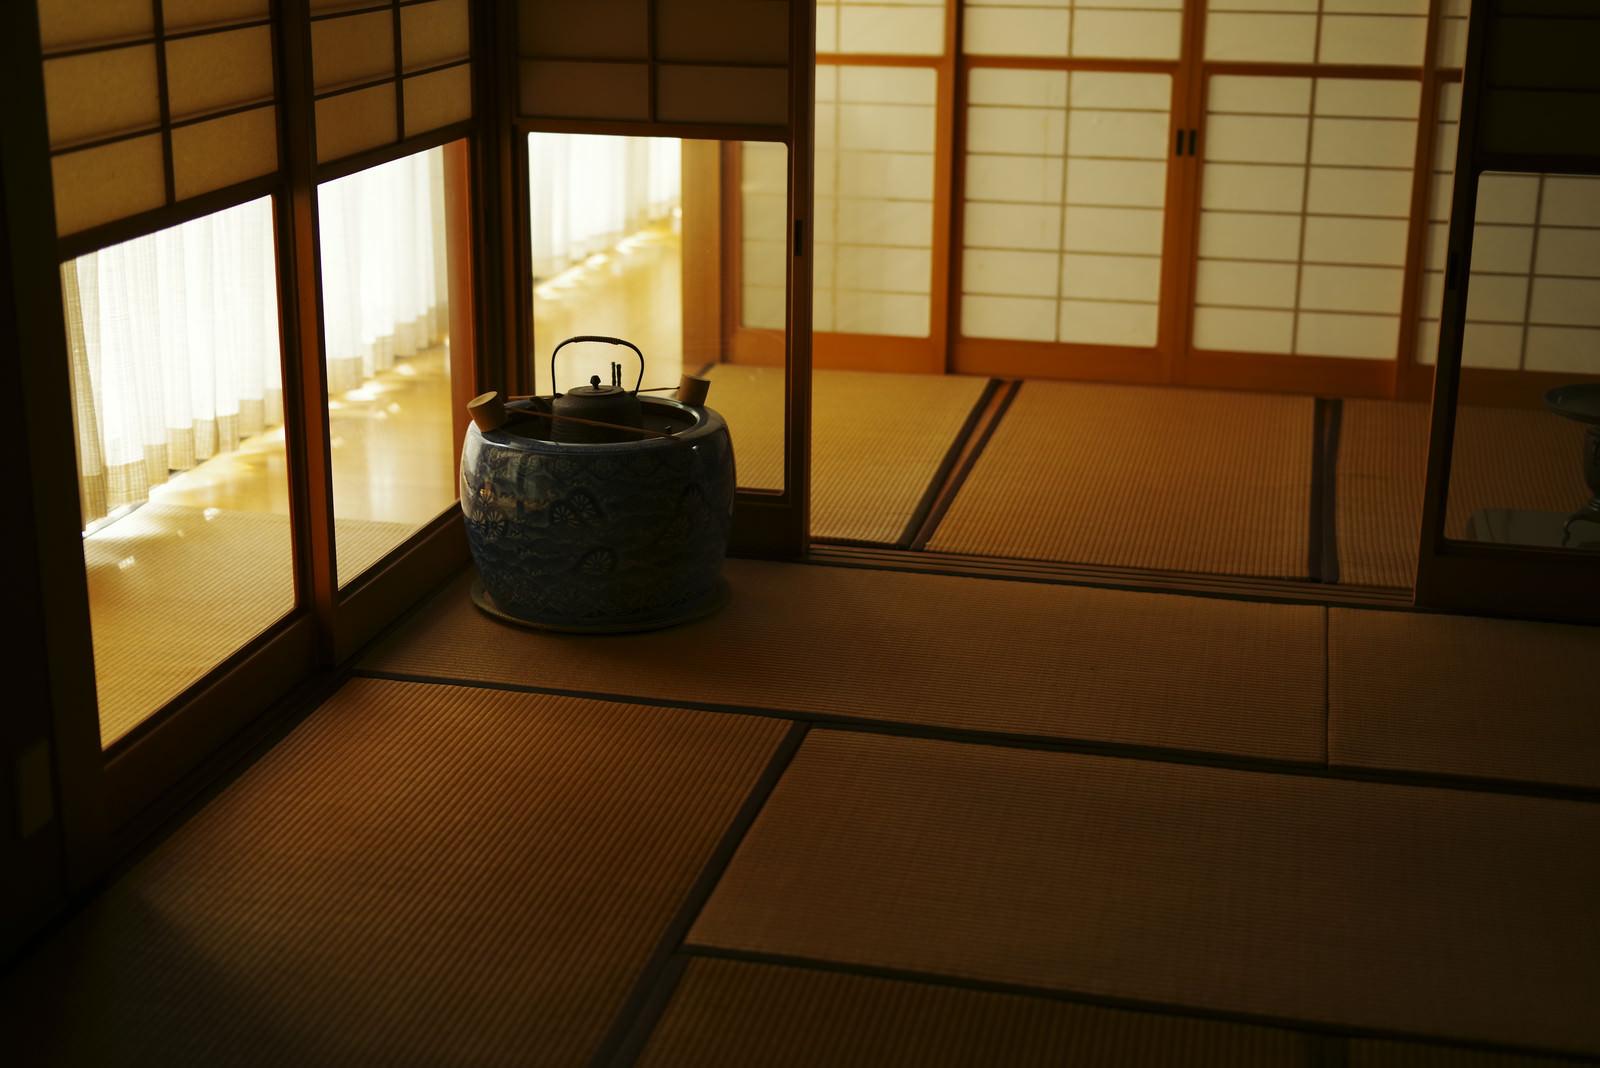 「優しい光が照らす日本家屋」の写真